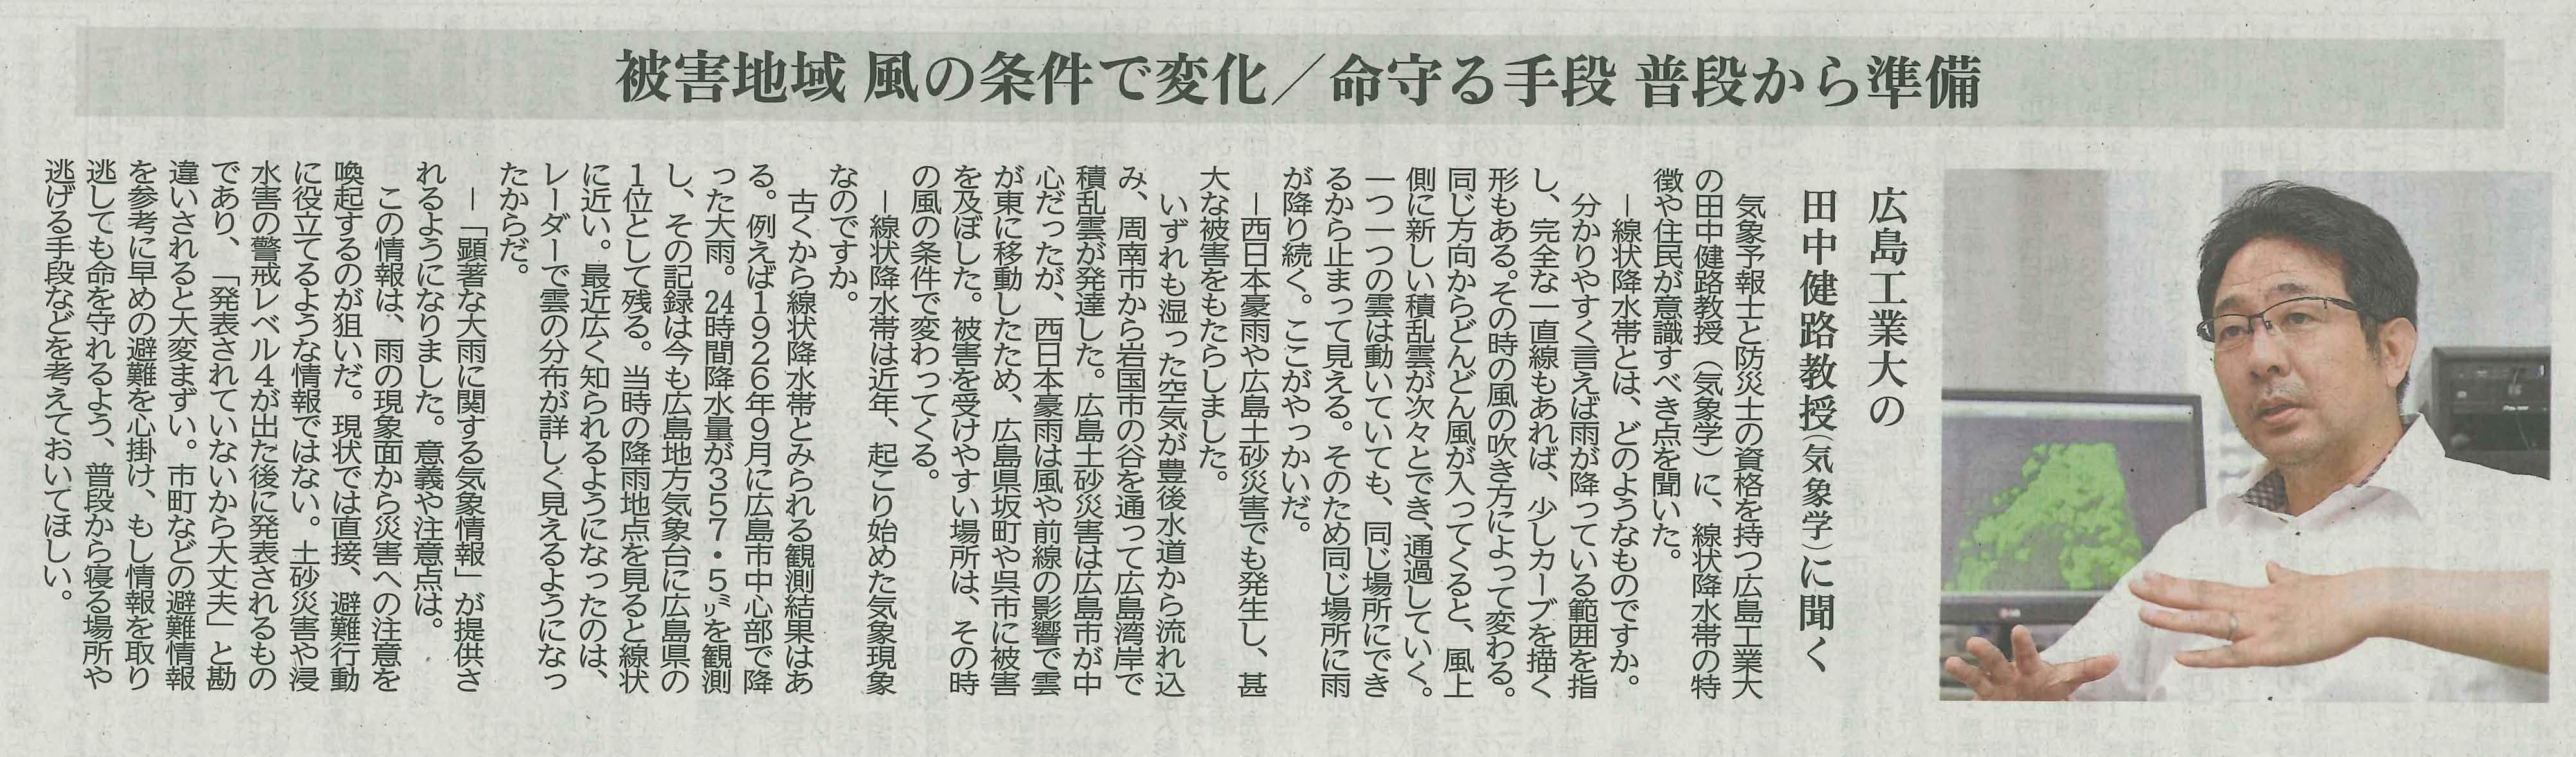 2021.7.4(8面)朝刊.jpg